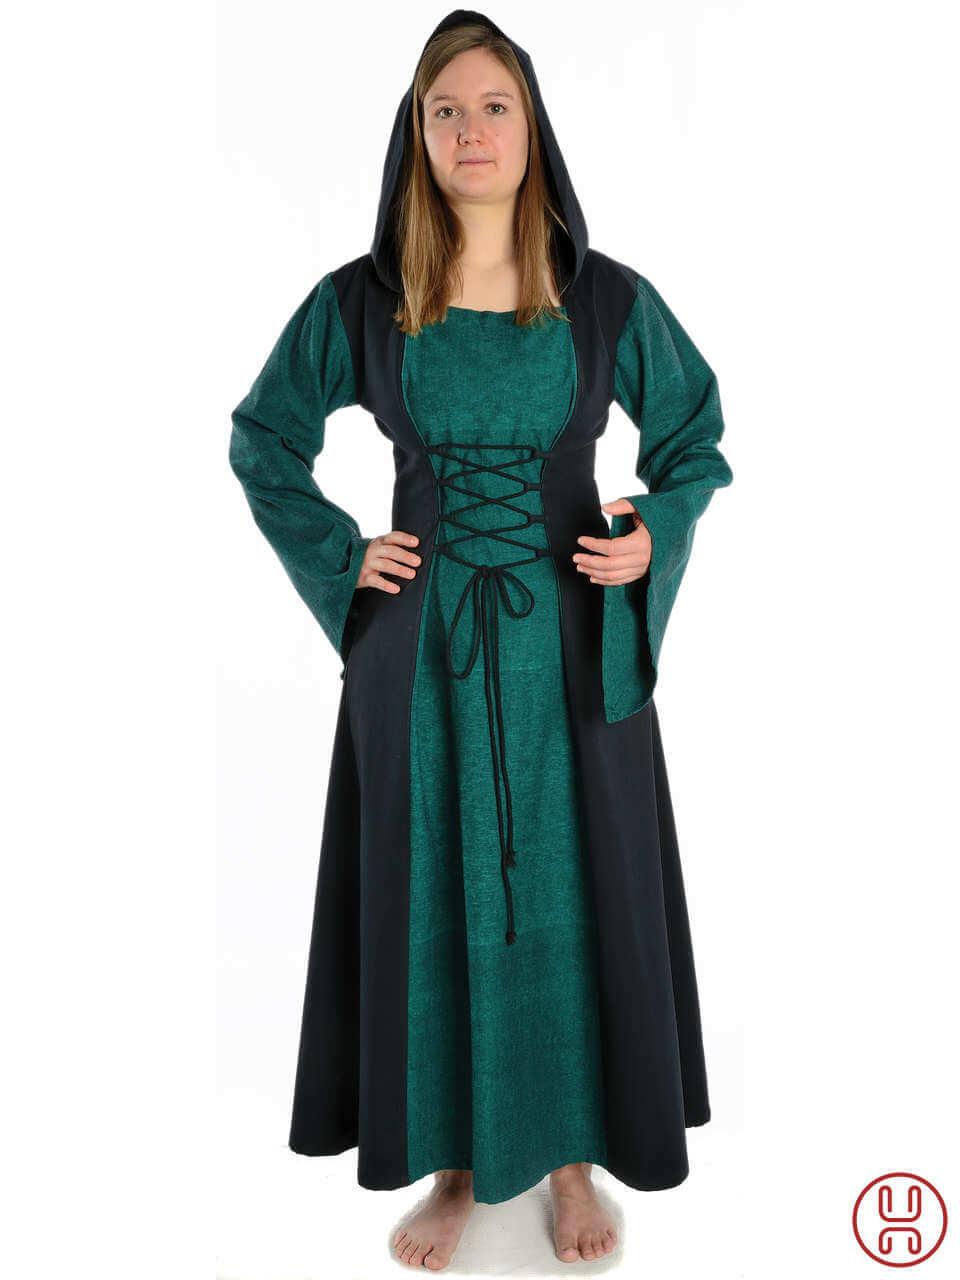 9e61e61a2912f5 Mittelalter Kleid Liebgart   HEMAD Gewandungen